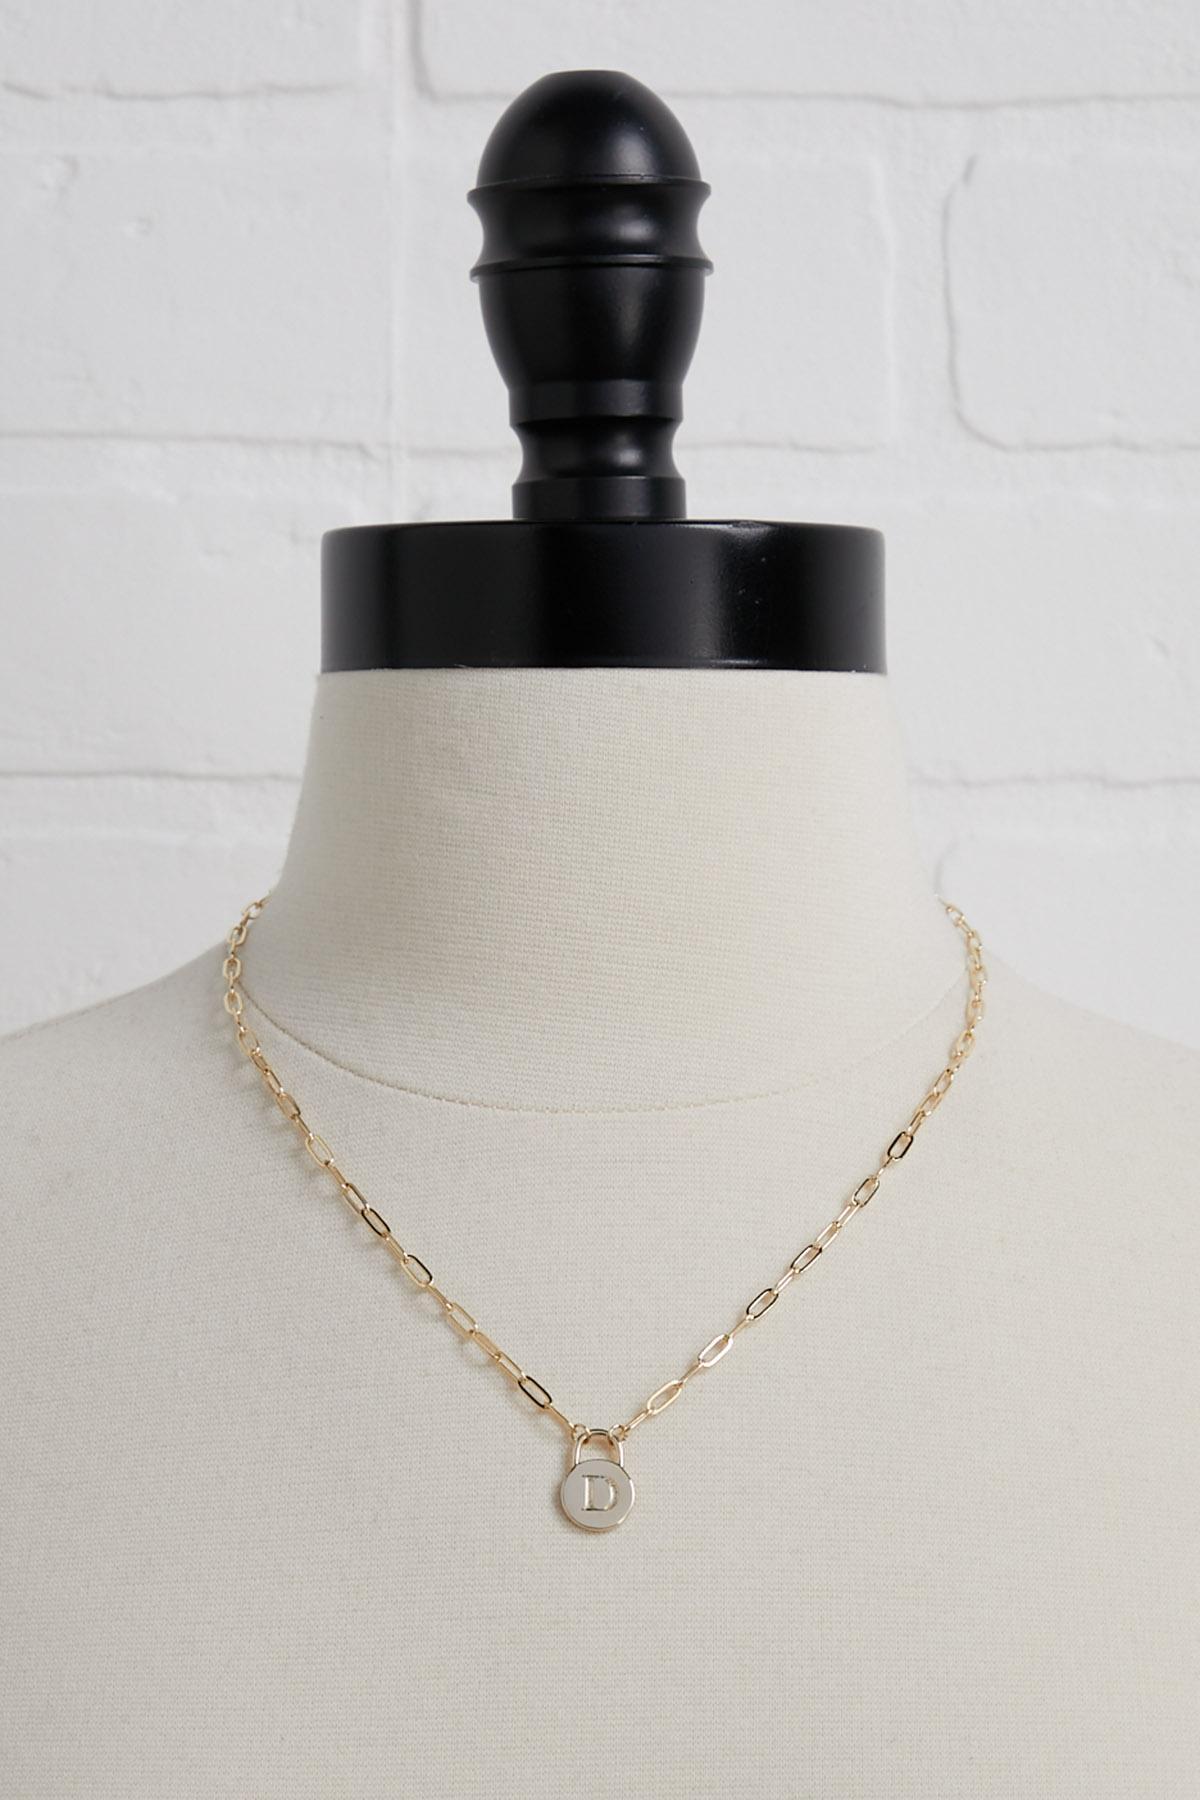 18k D Pendant Necklace